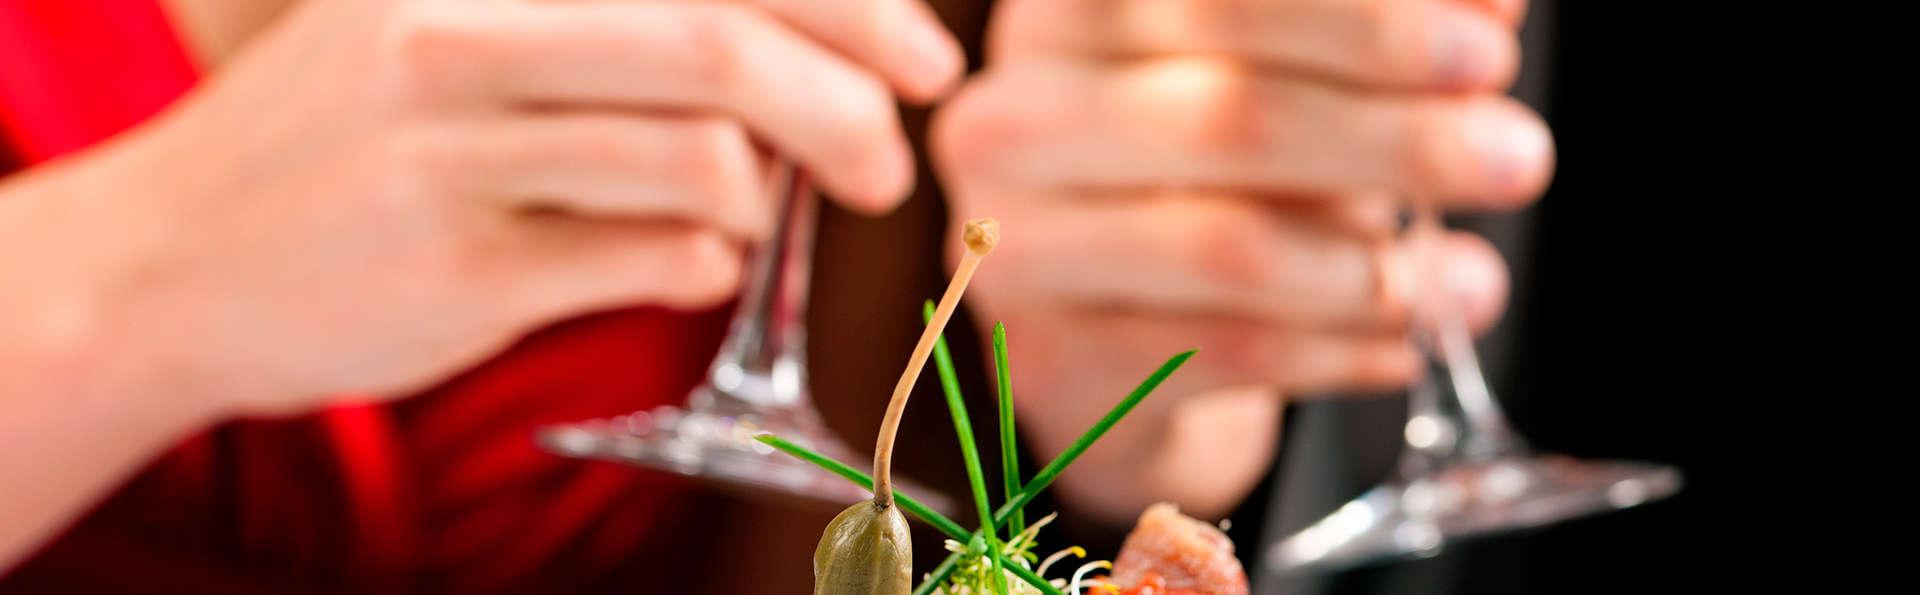 Enamórate de Navarra y Gastronomía típica de la zona